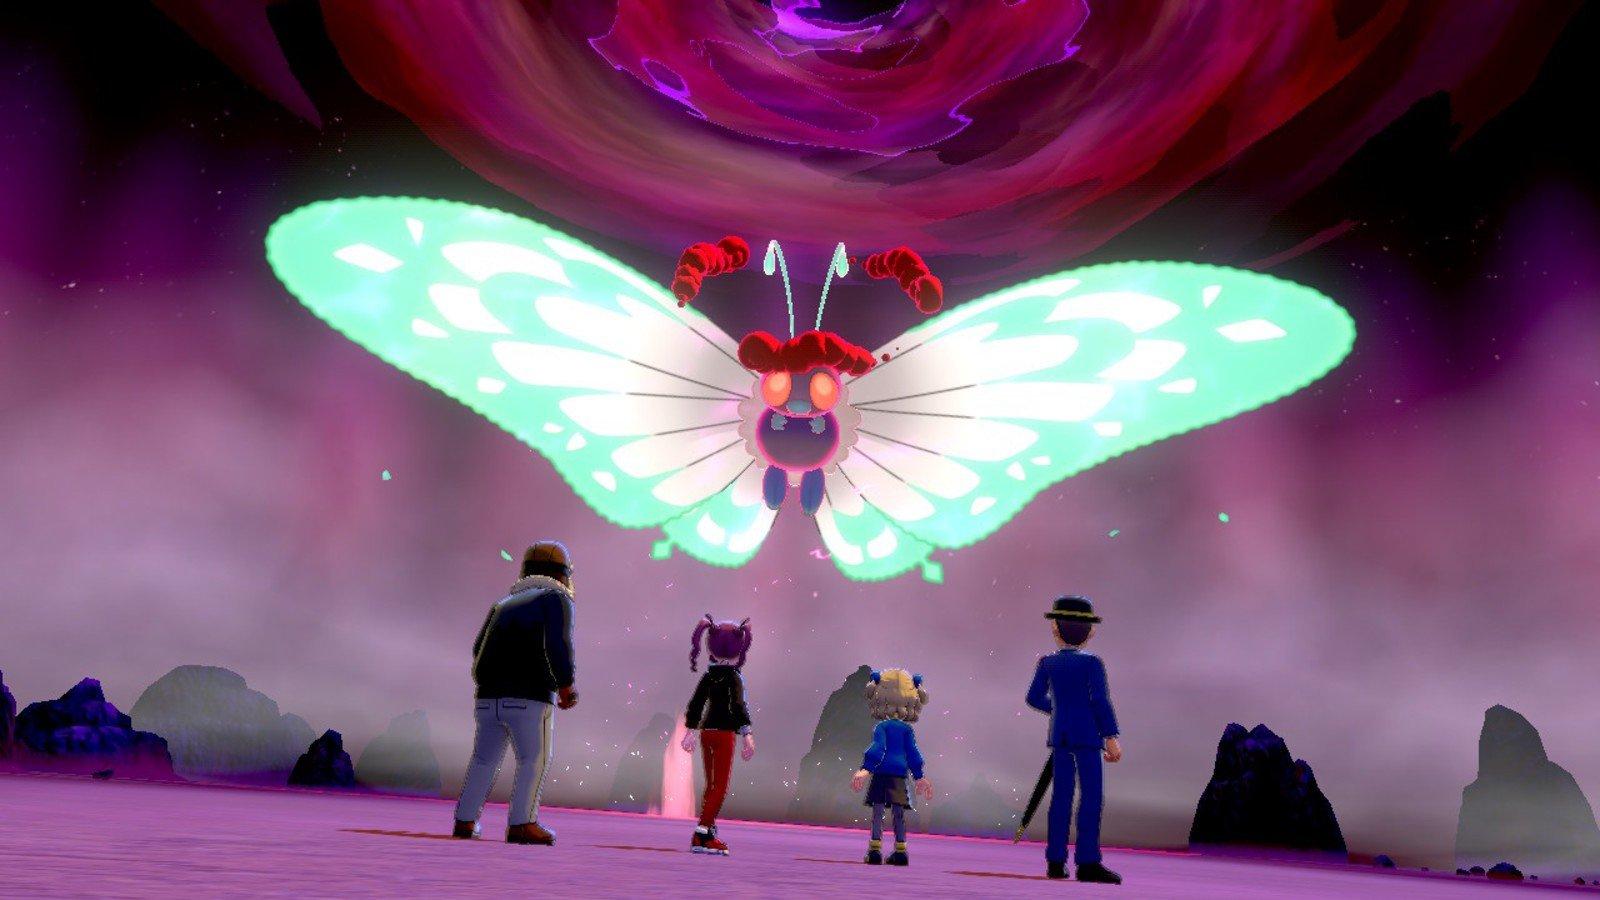 Raid Battle Pokemon Sword & Shield